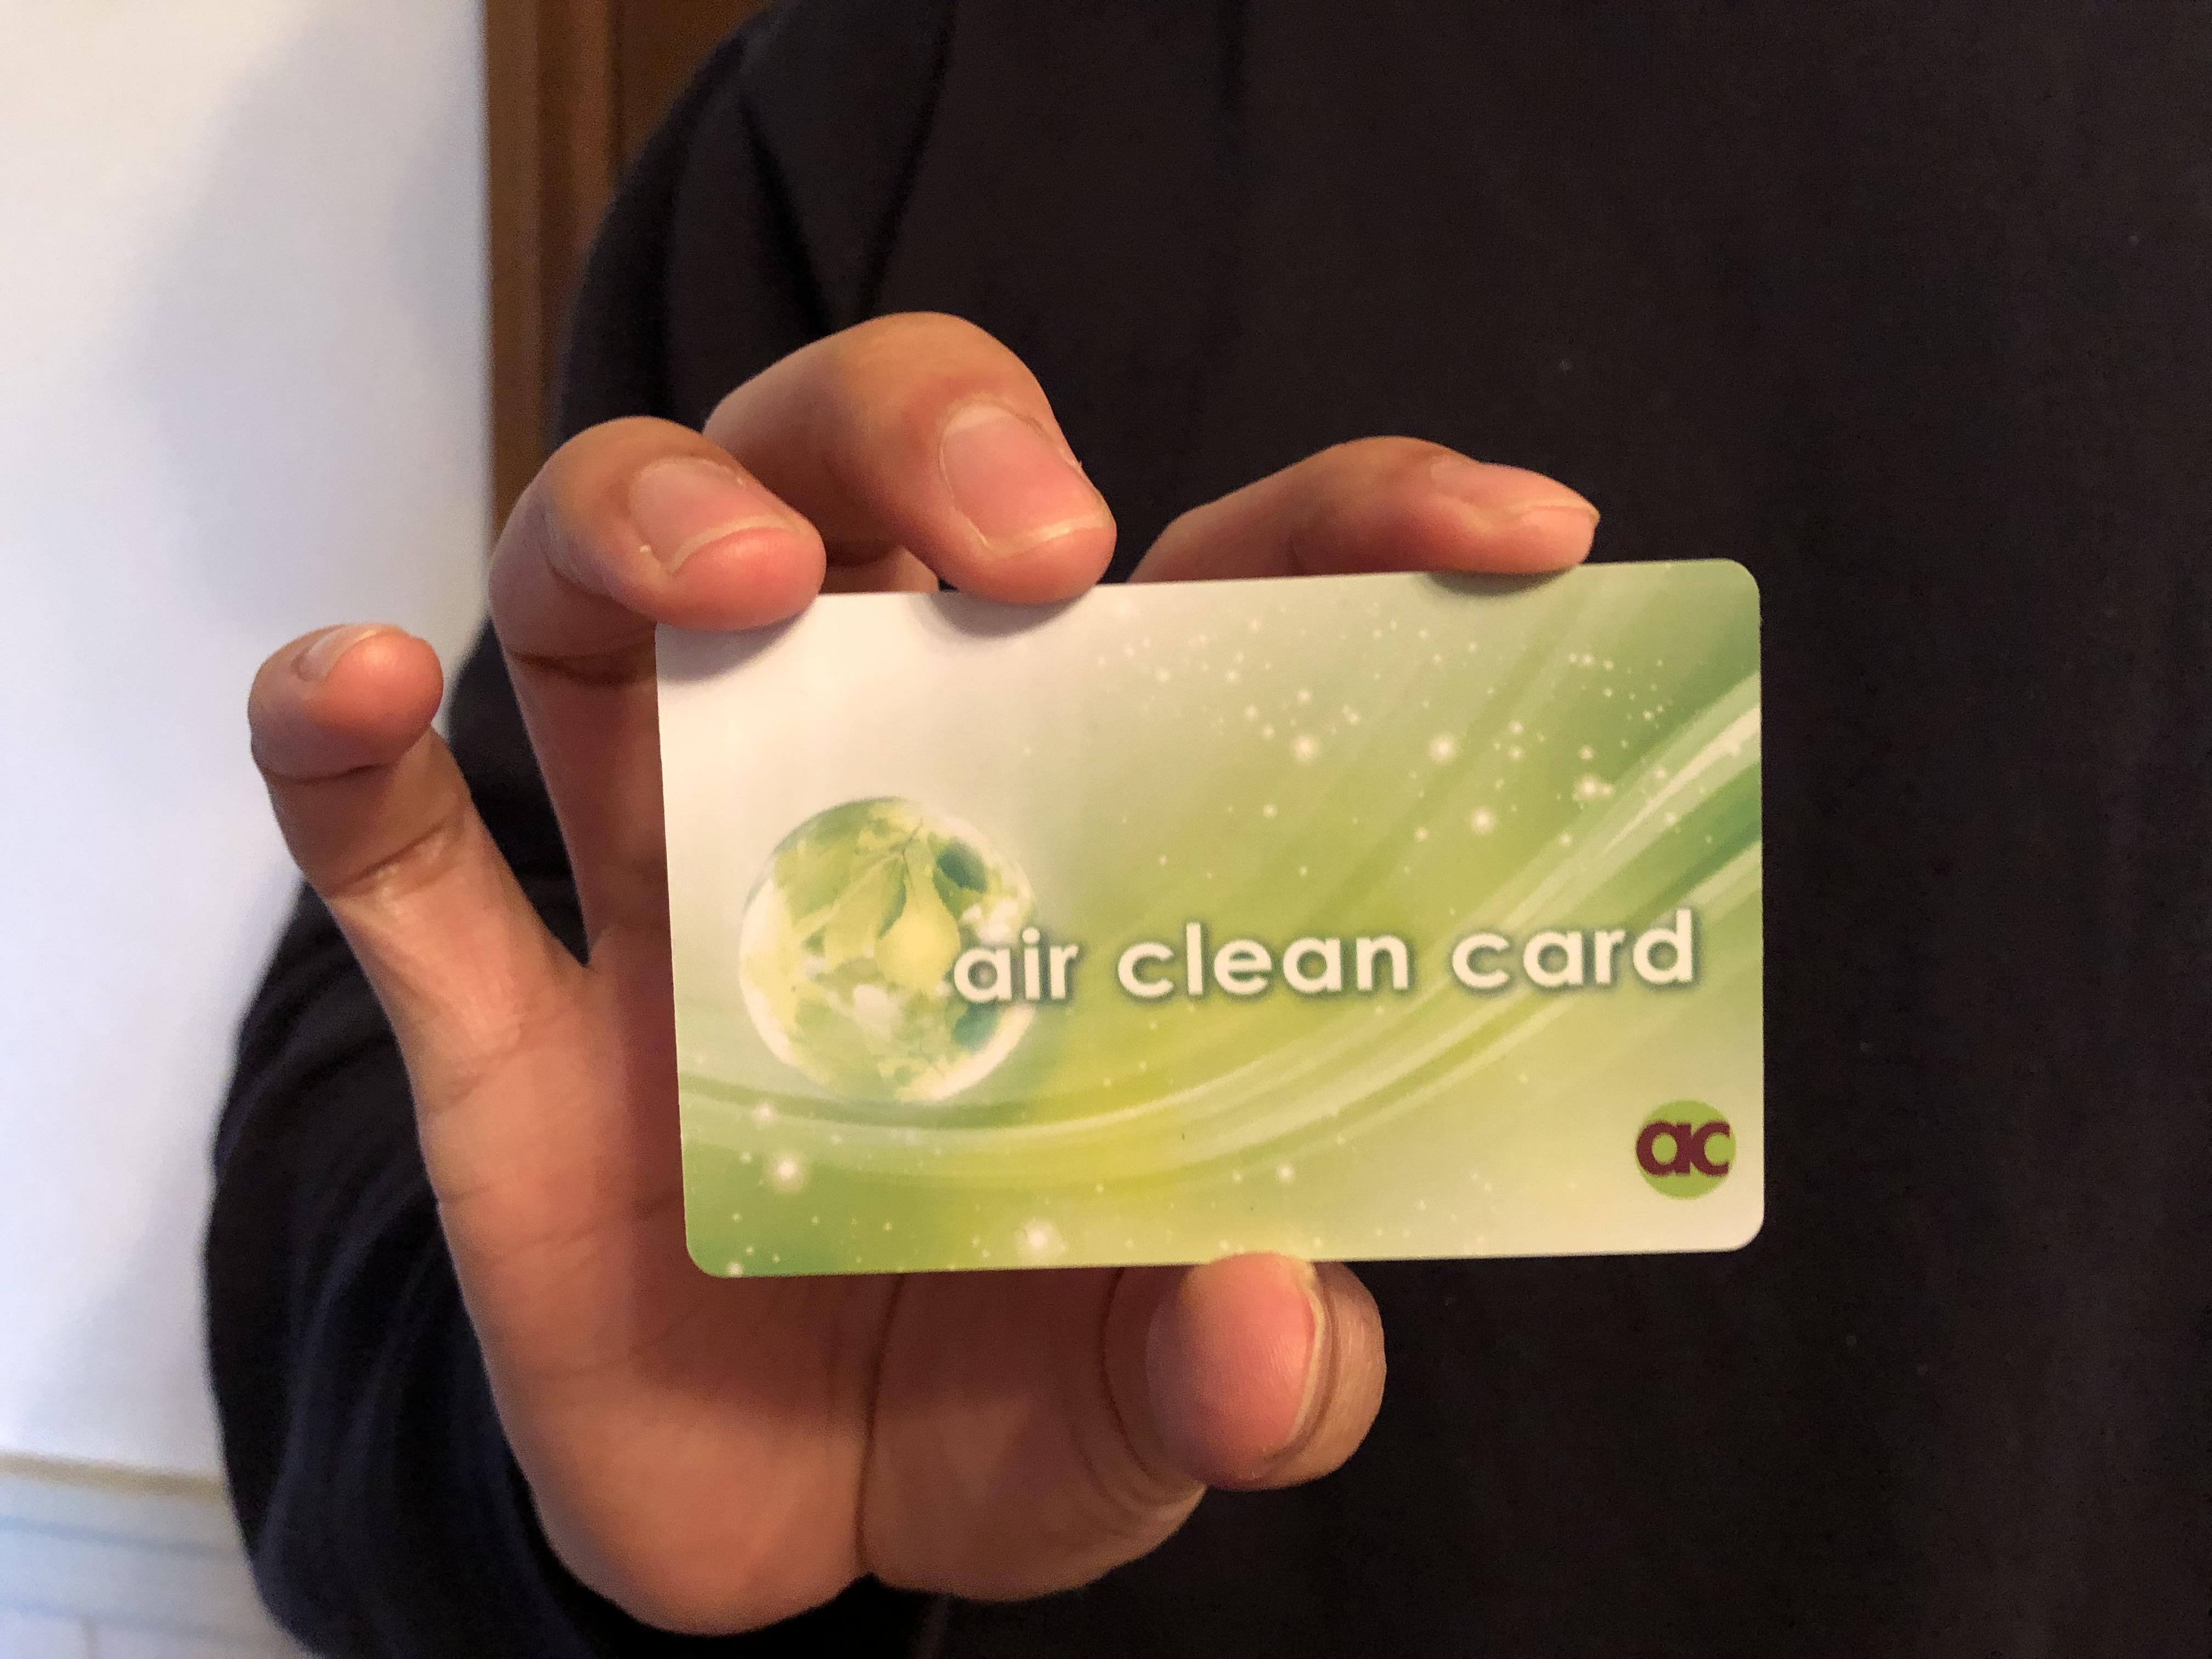 花粉・ウィルス・カビに!身に着ける空気清浄機「エアークリーンカード」